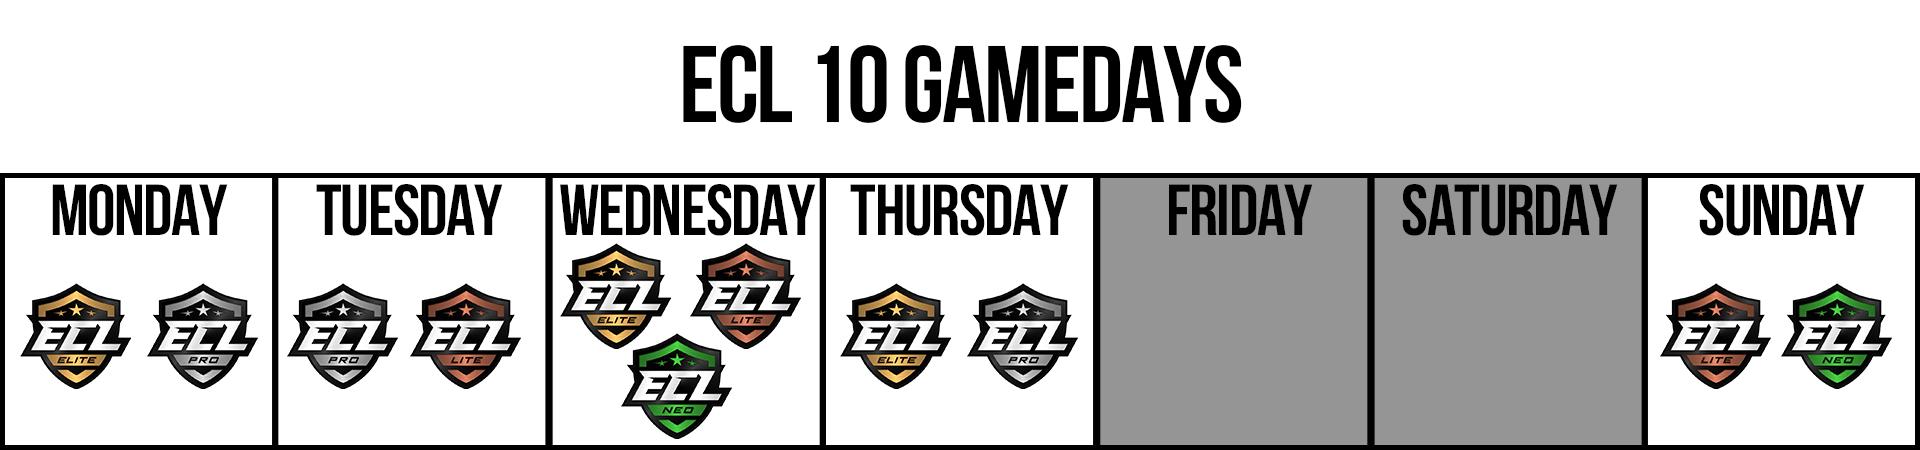 ECL_10_Gamedays.png